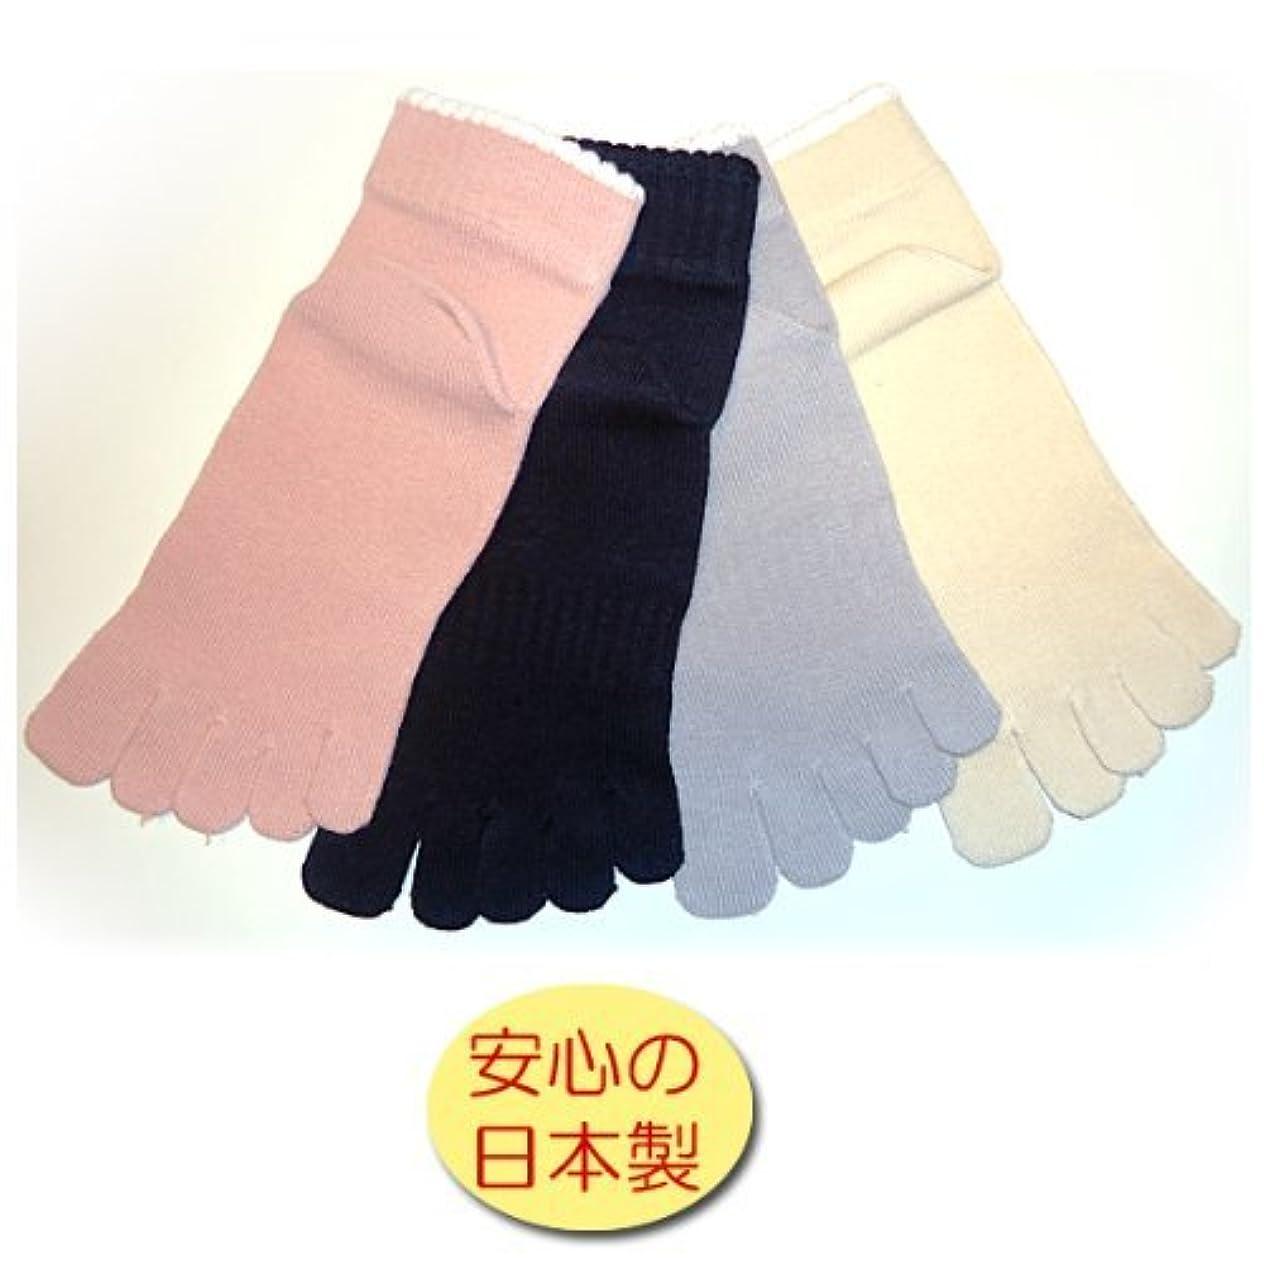 余韻欠員欠陥日本製 5本指ソックス ショートソックス【21~25cm】 足に優しい表糸綿100%  お買得4足組